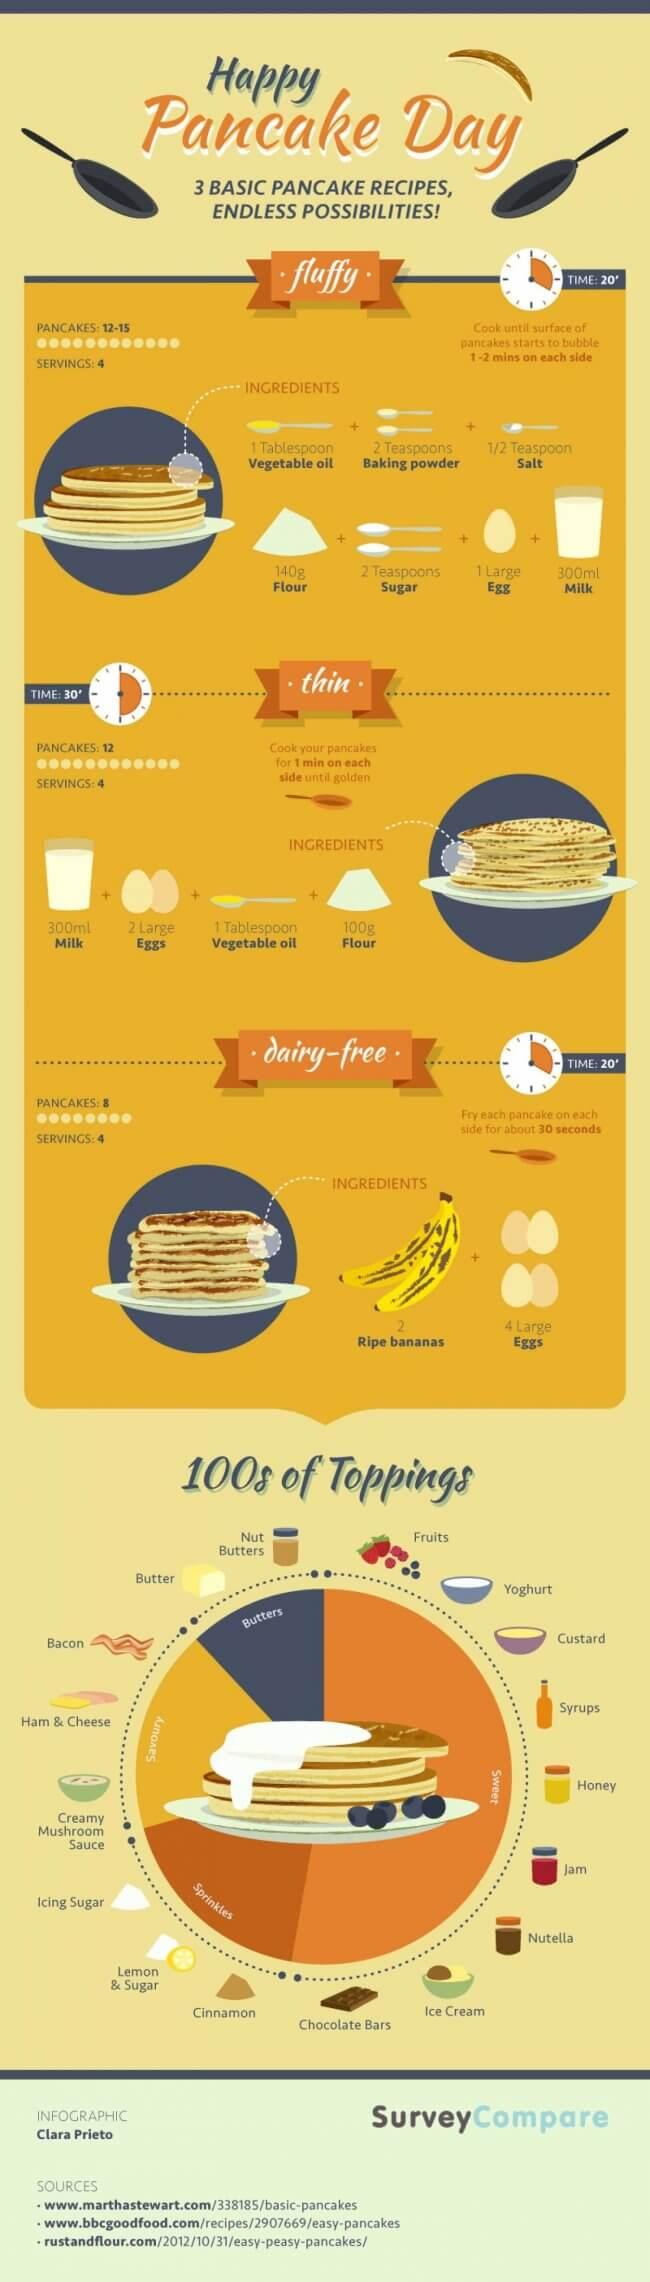 do cats eat pancakes